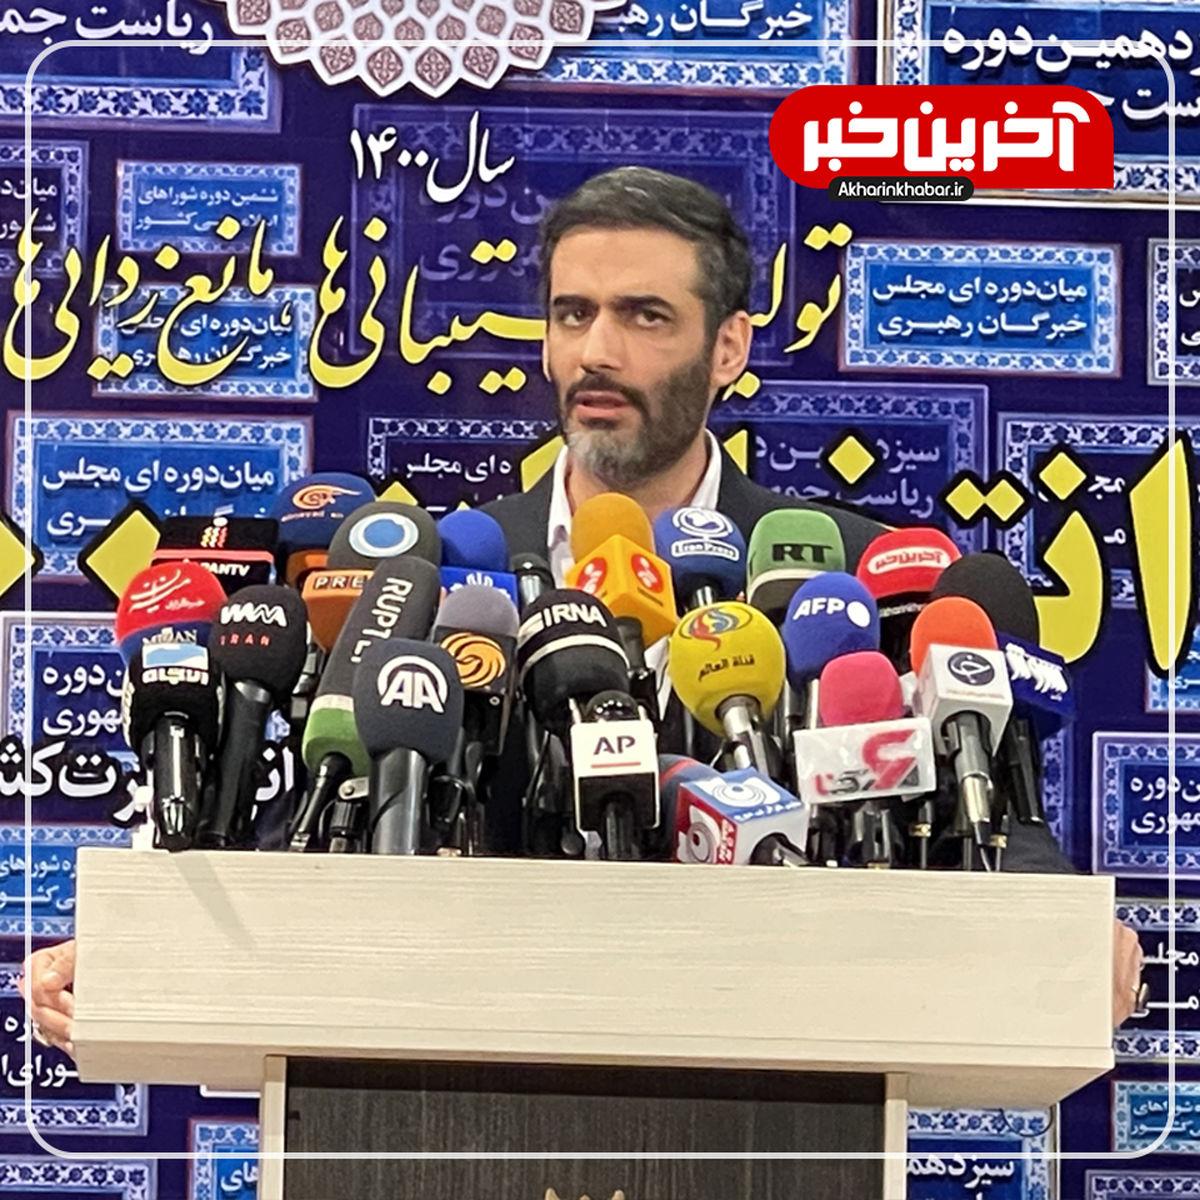 سعید محمد در ستاد انتخابات: نسبت به دور زدن تحریمها و لغو آنها تبحر دارم